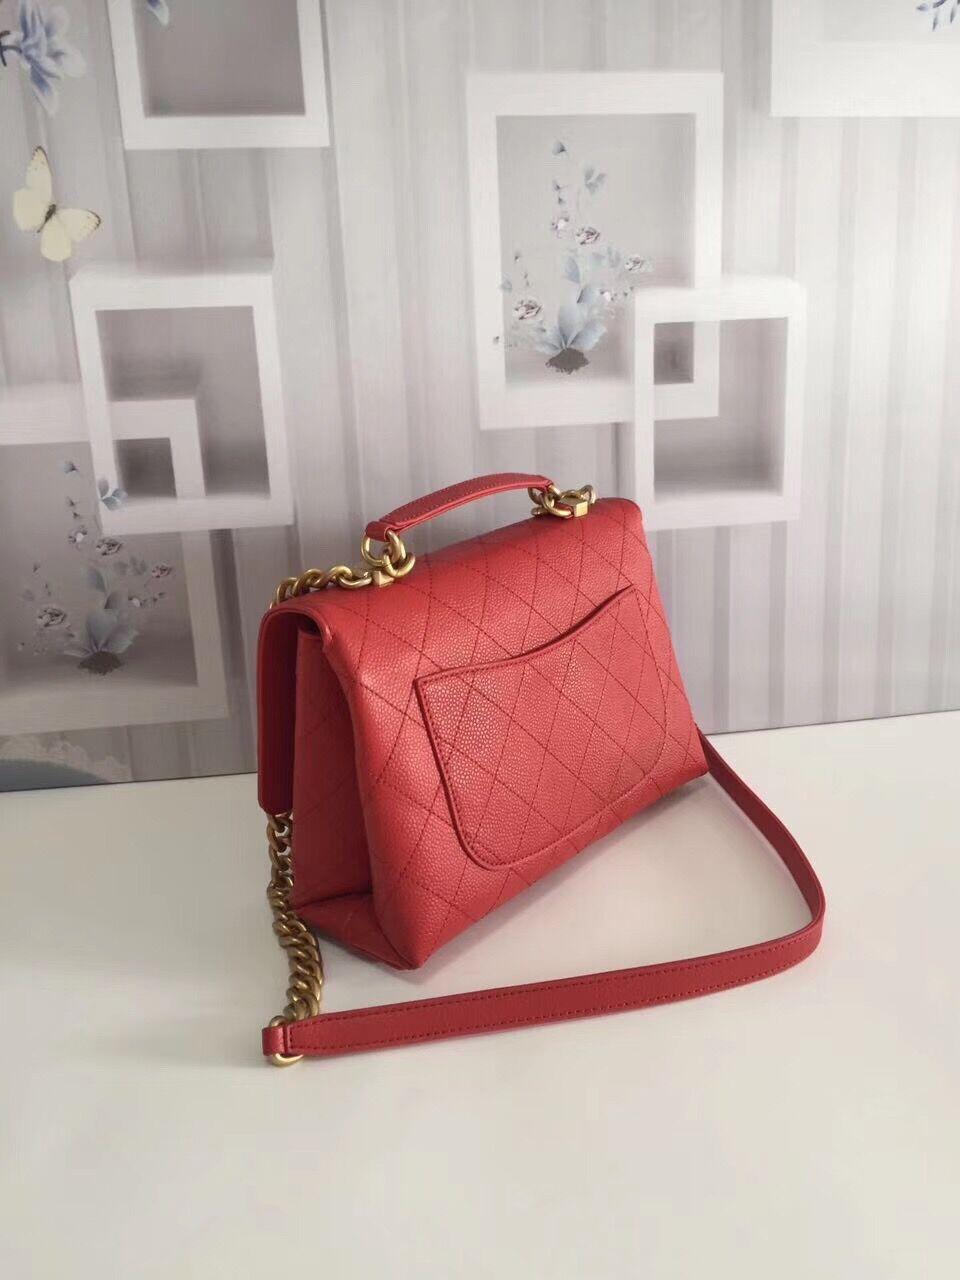 Einfache Mit Modell Für Gehen Unten Gut 2019 Neueste Den design Luxus Handtasche Mode Damen Vintage Klassische Die 6zqWtw87P